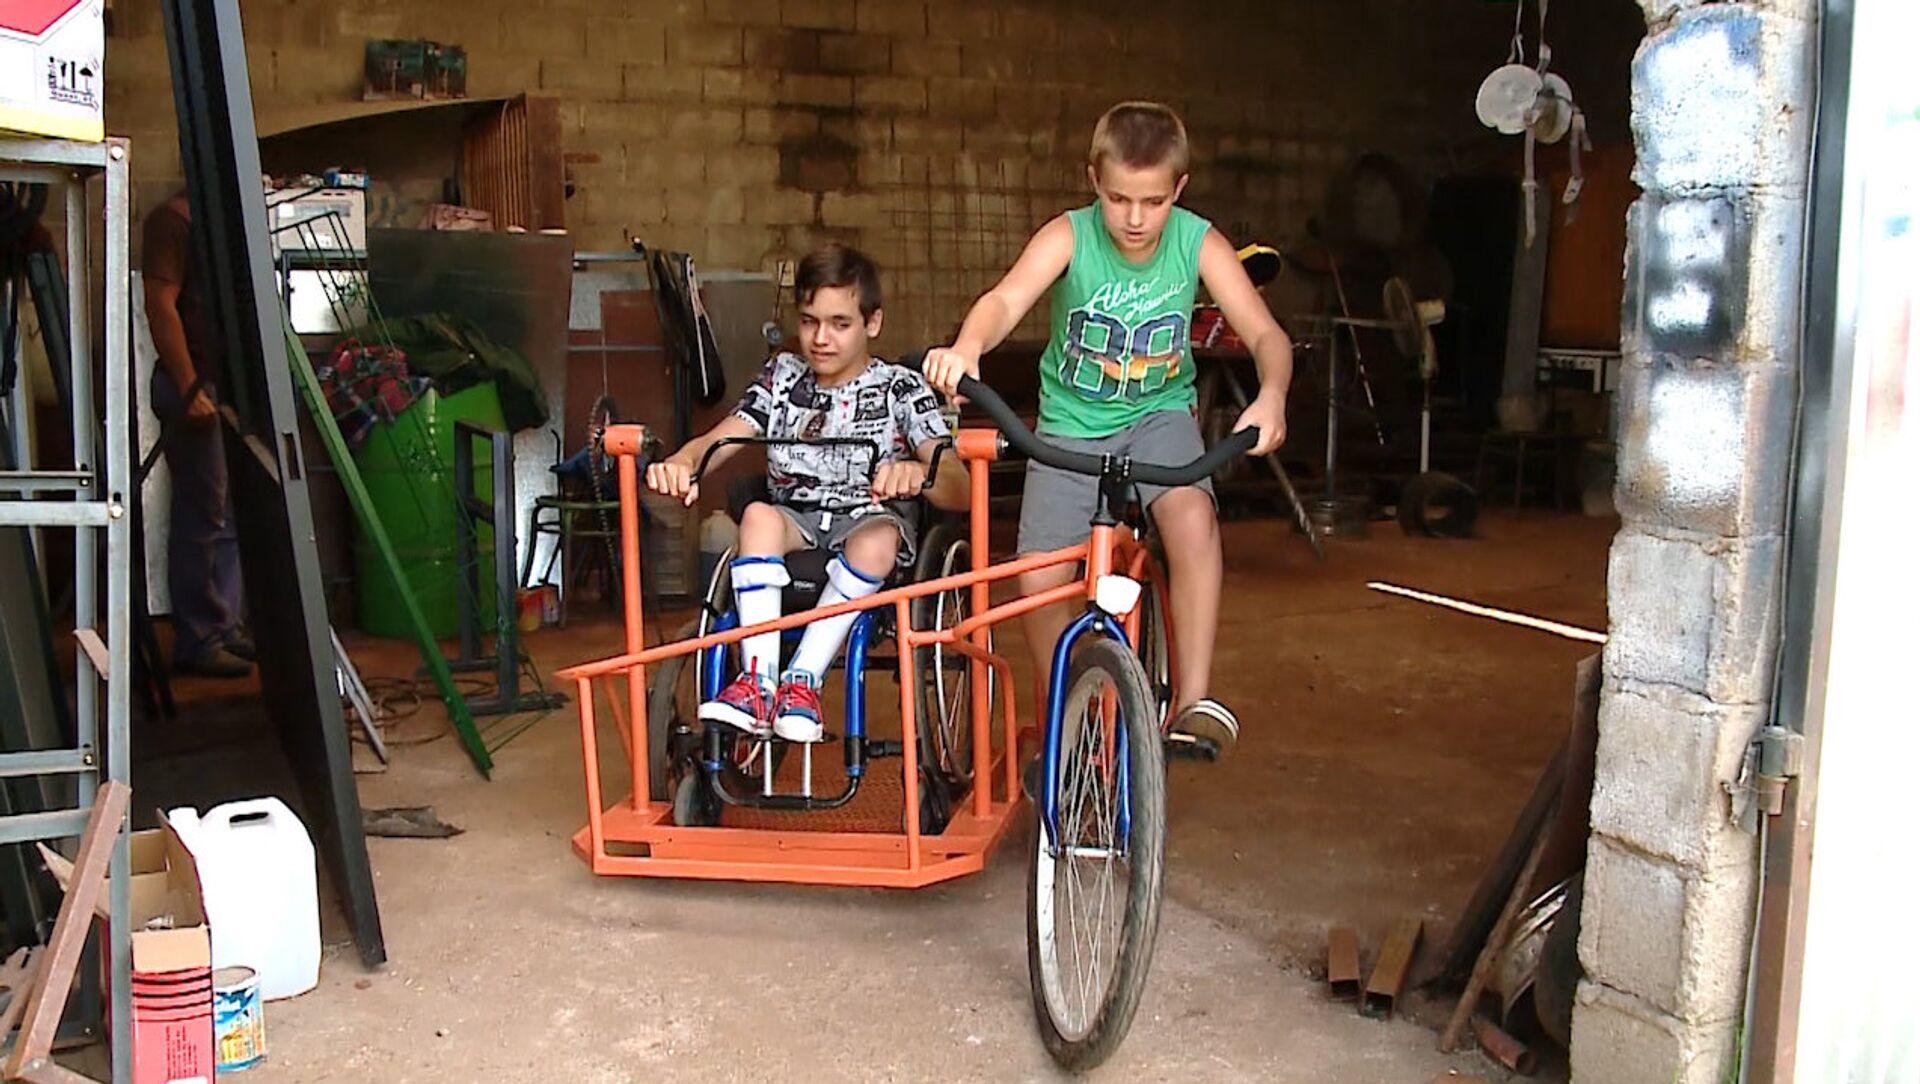 Un sueño hecho realidad: un niño argentino con discapacidad podrá 'pasear' en bicicleta - Sputnik Mundo, 1920, 09.01.2019